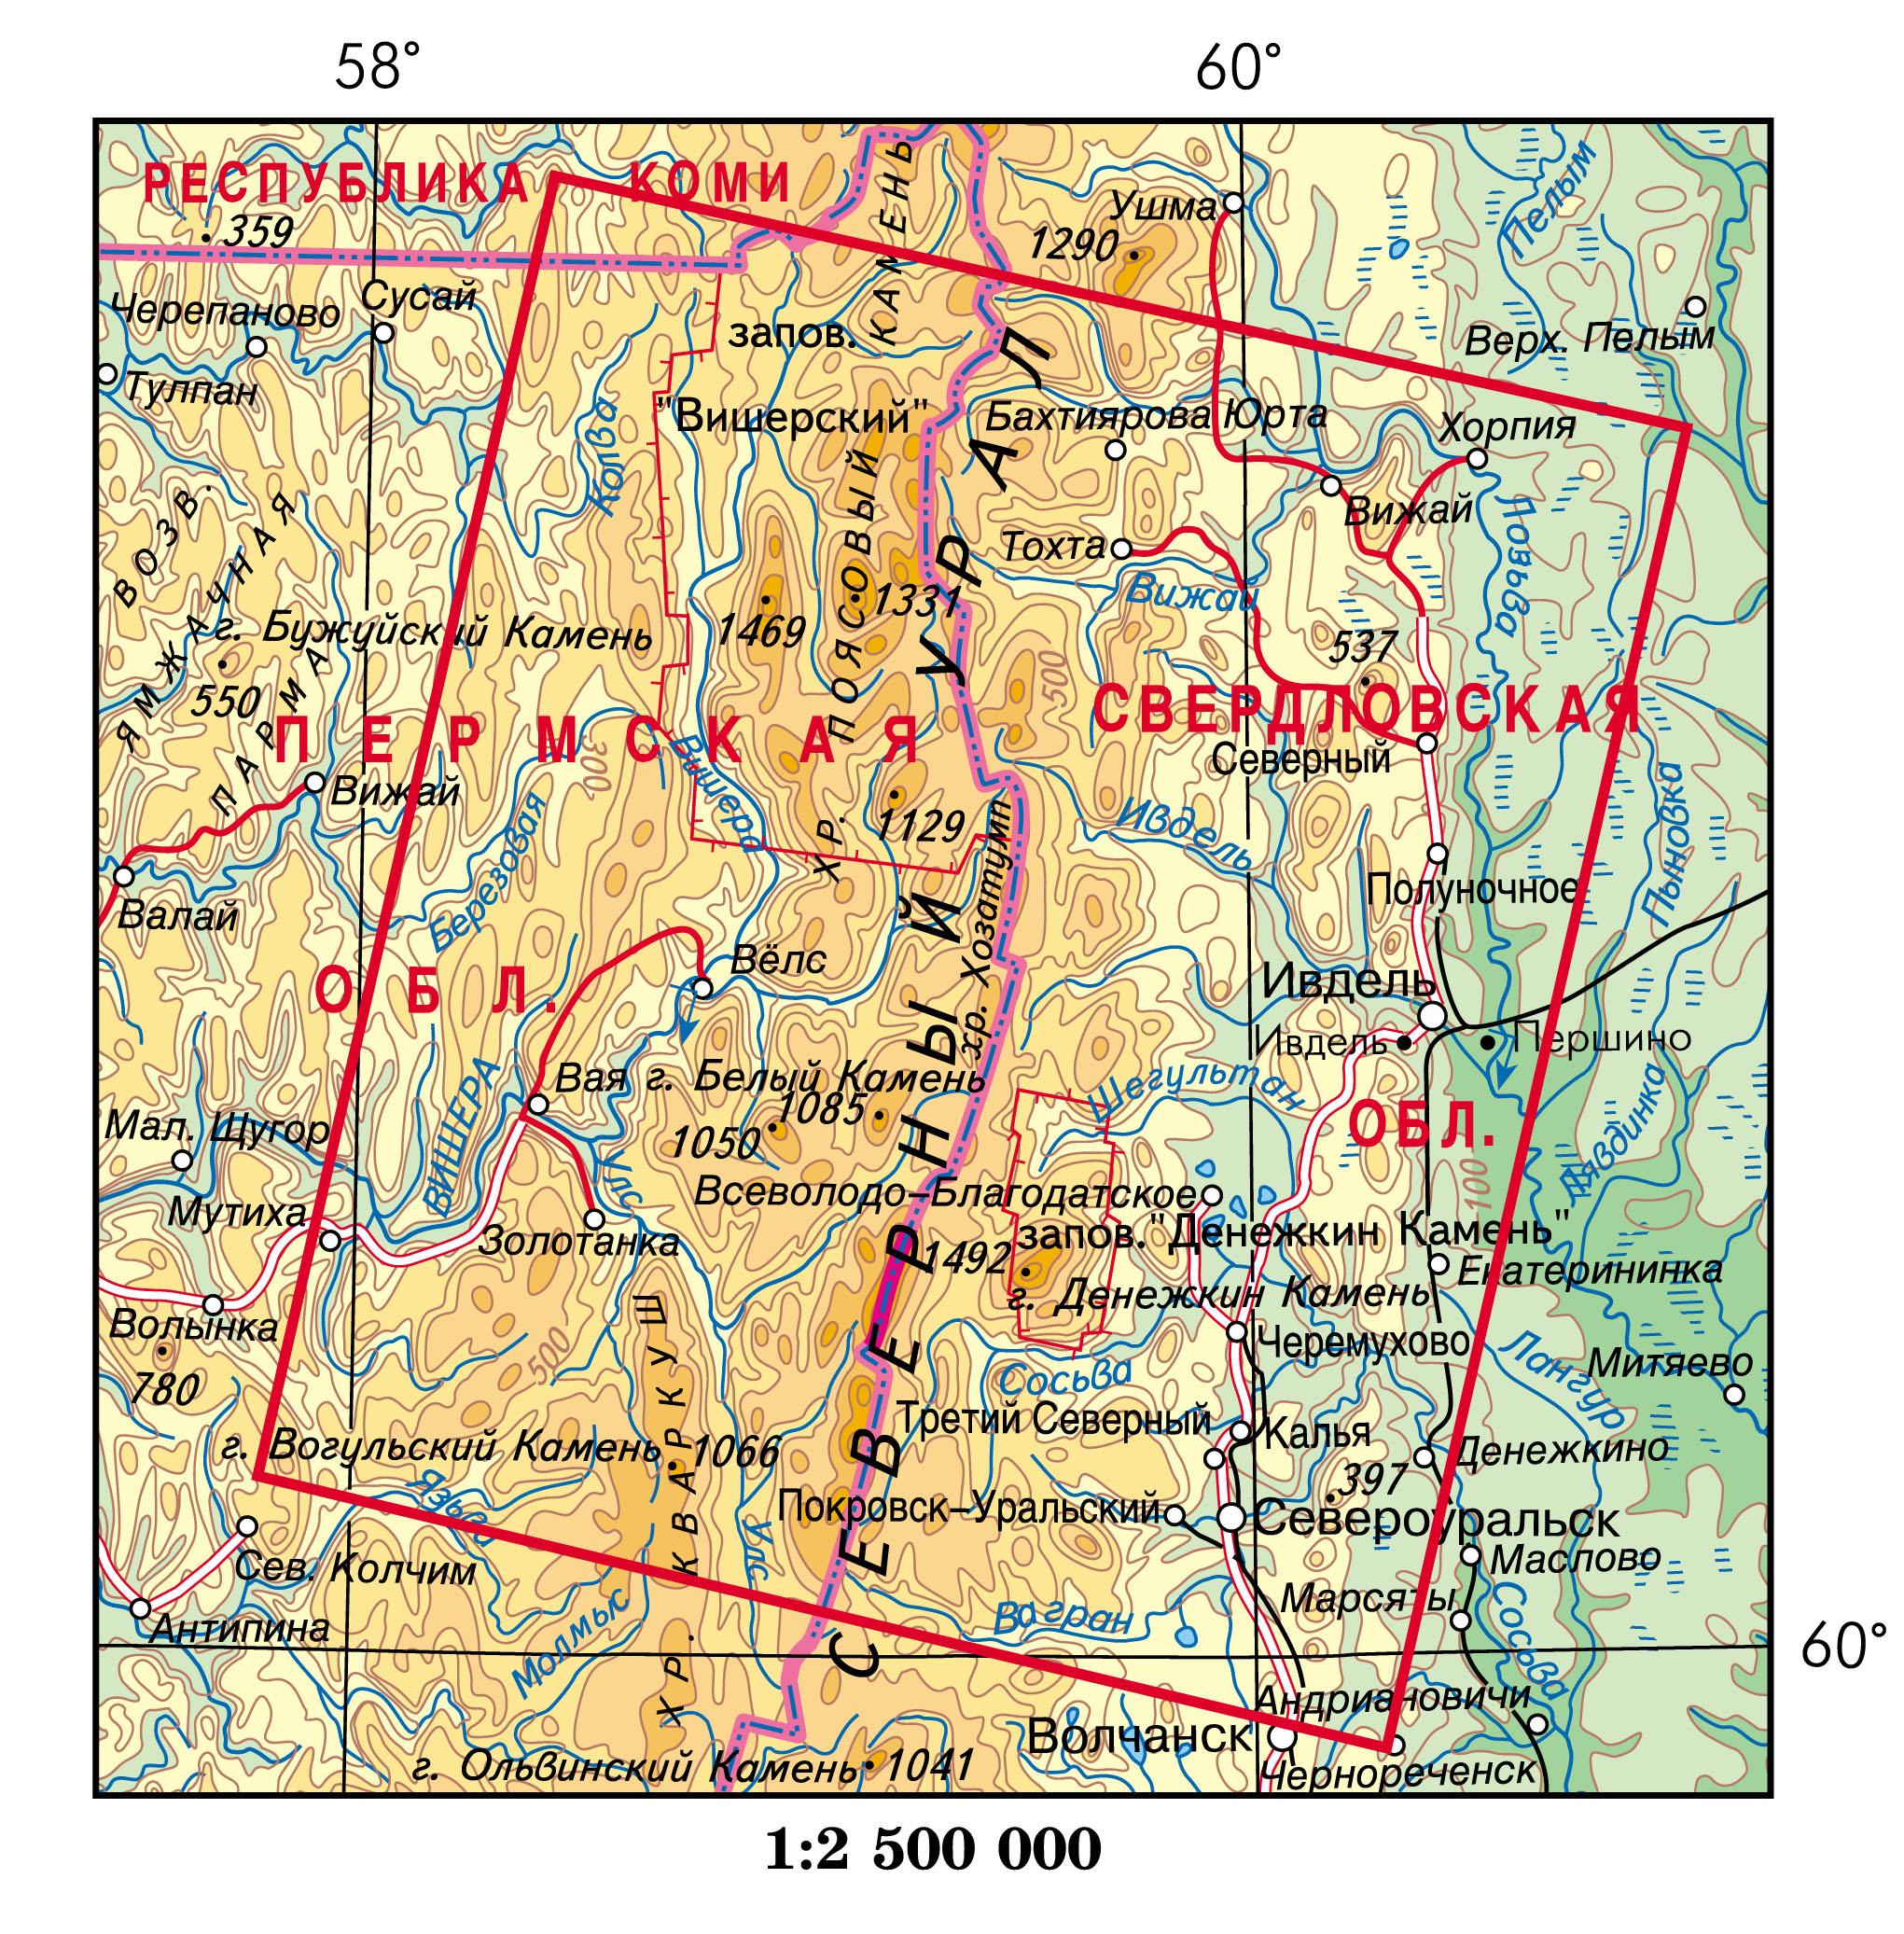 <b>Карта</b> Северный Урал. Фото из космоса.